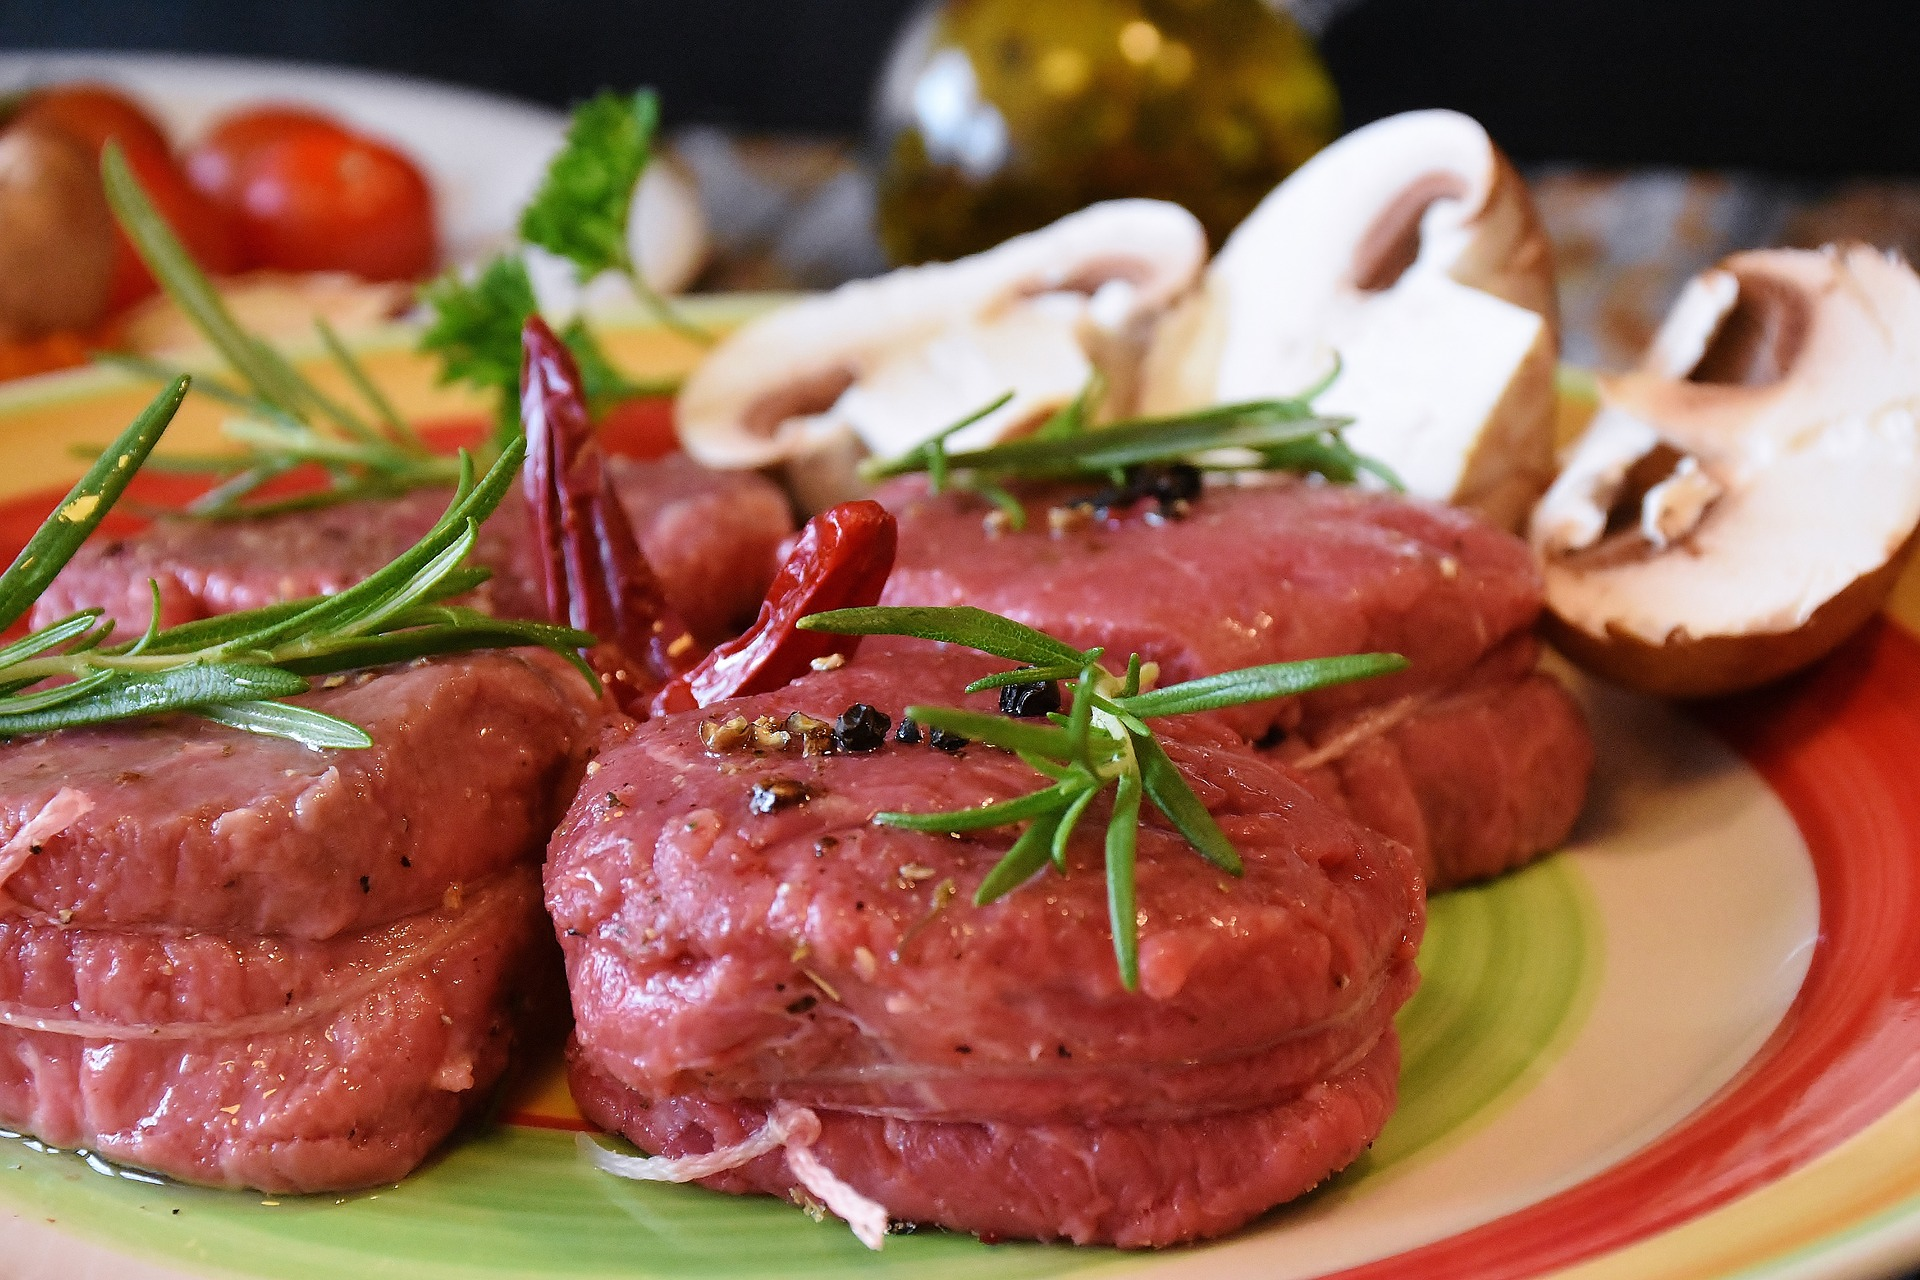 Het beste vlees kiezen voor uw volgende feestje